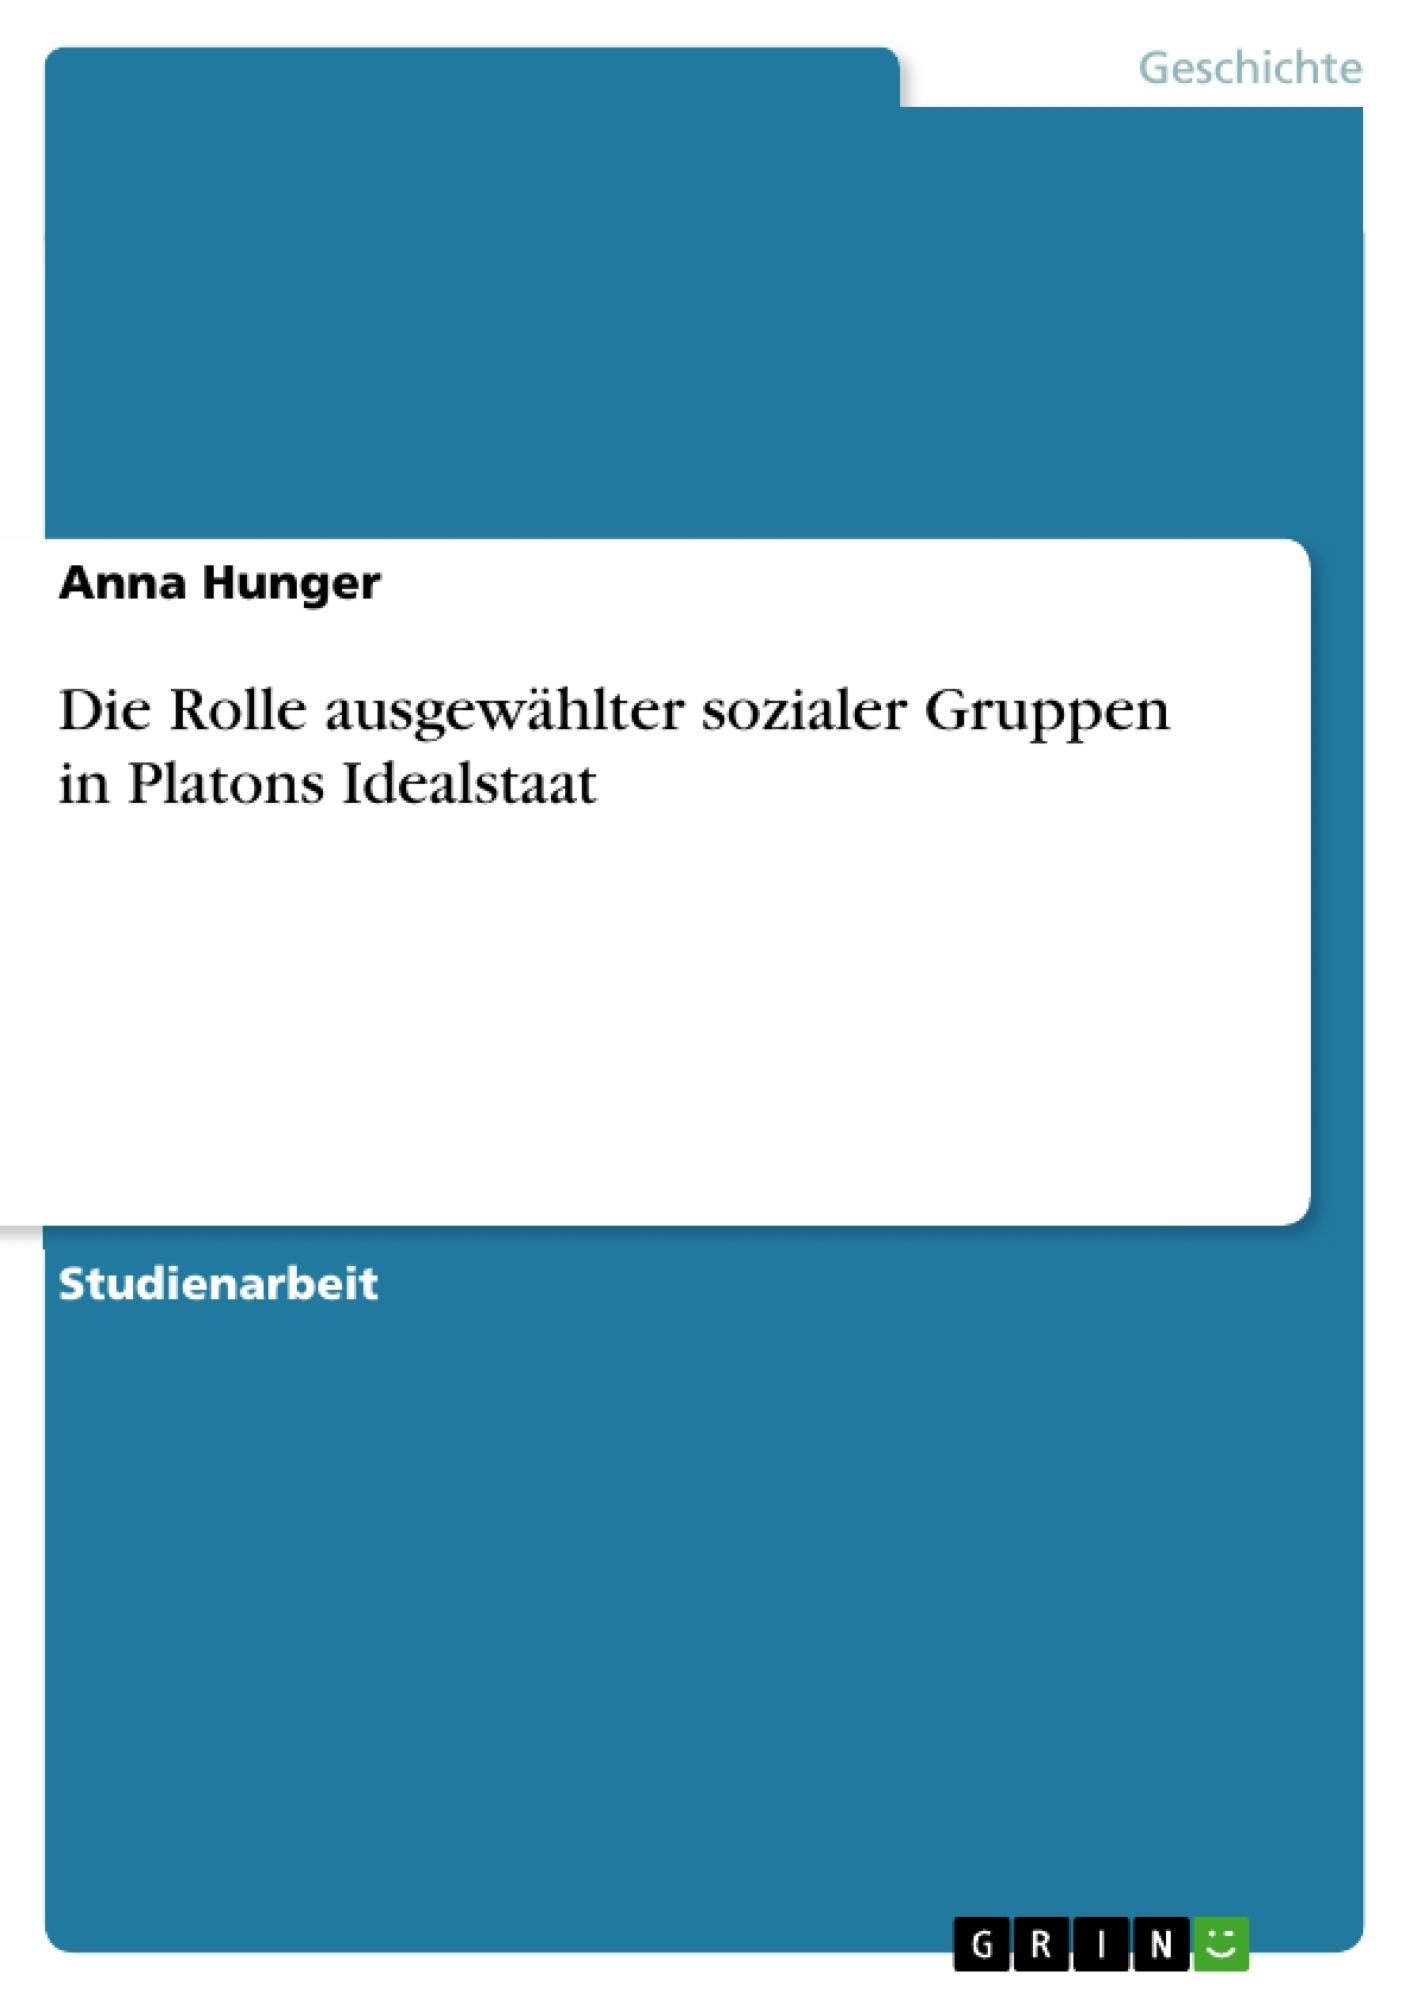 Titel: Die Rolle ausgewählter sozialer Gruppen in Platons Idealstaat